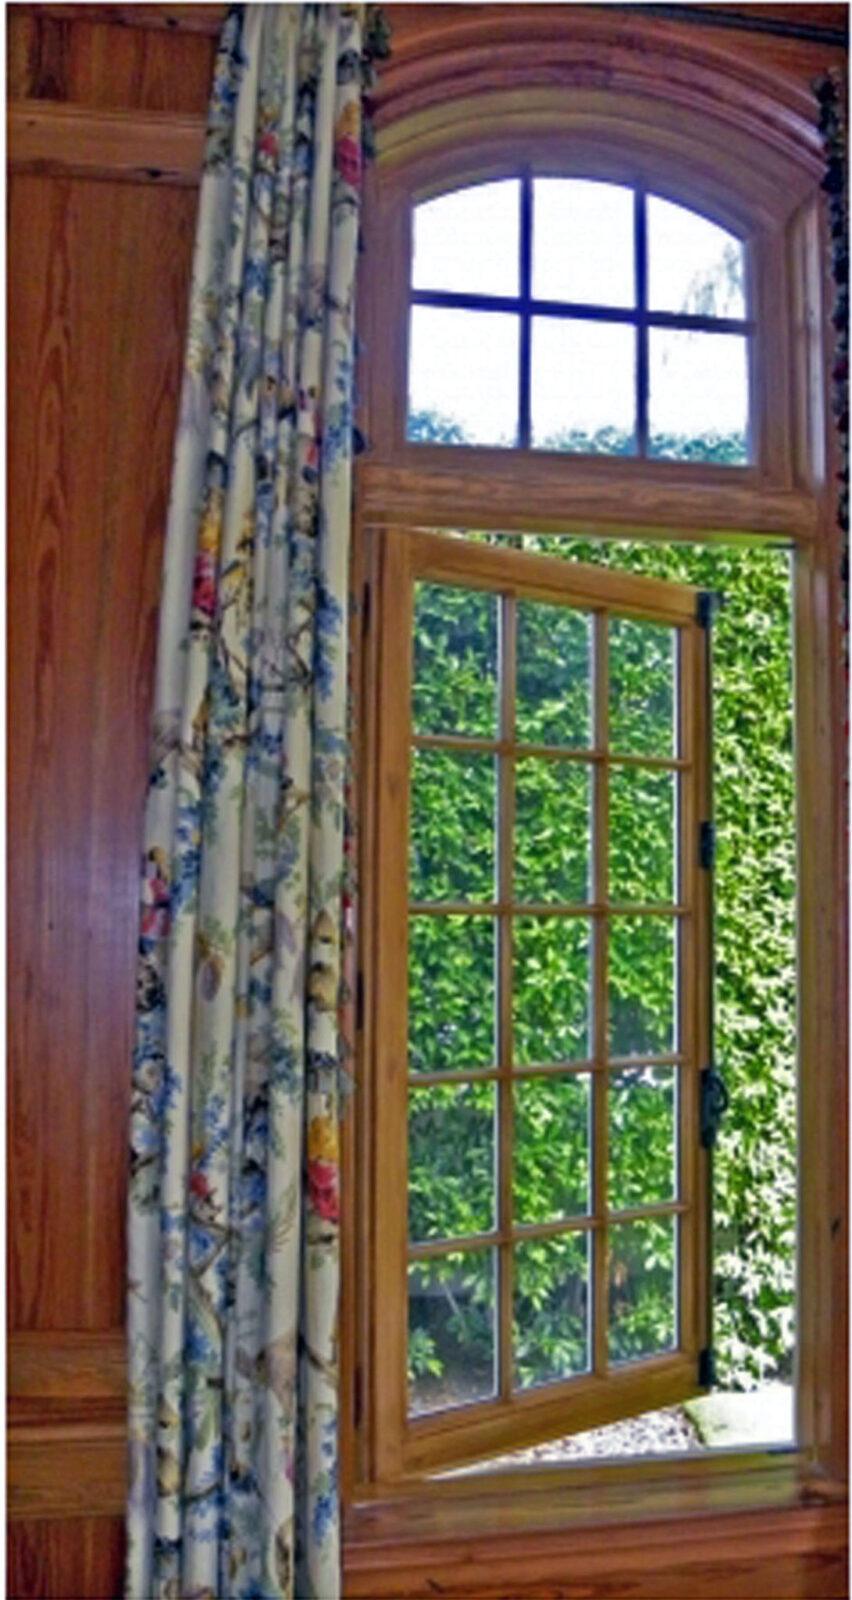 EL VENADO CASEMENT WINDOW